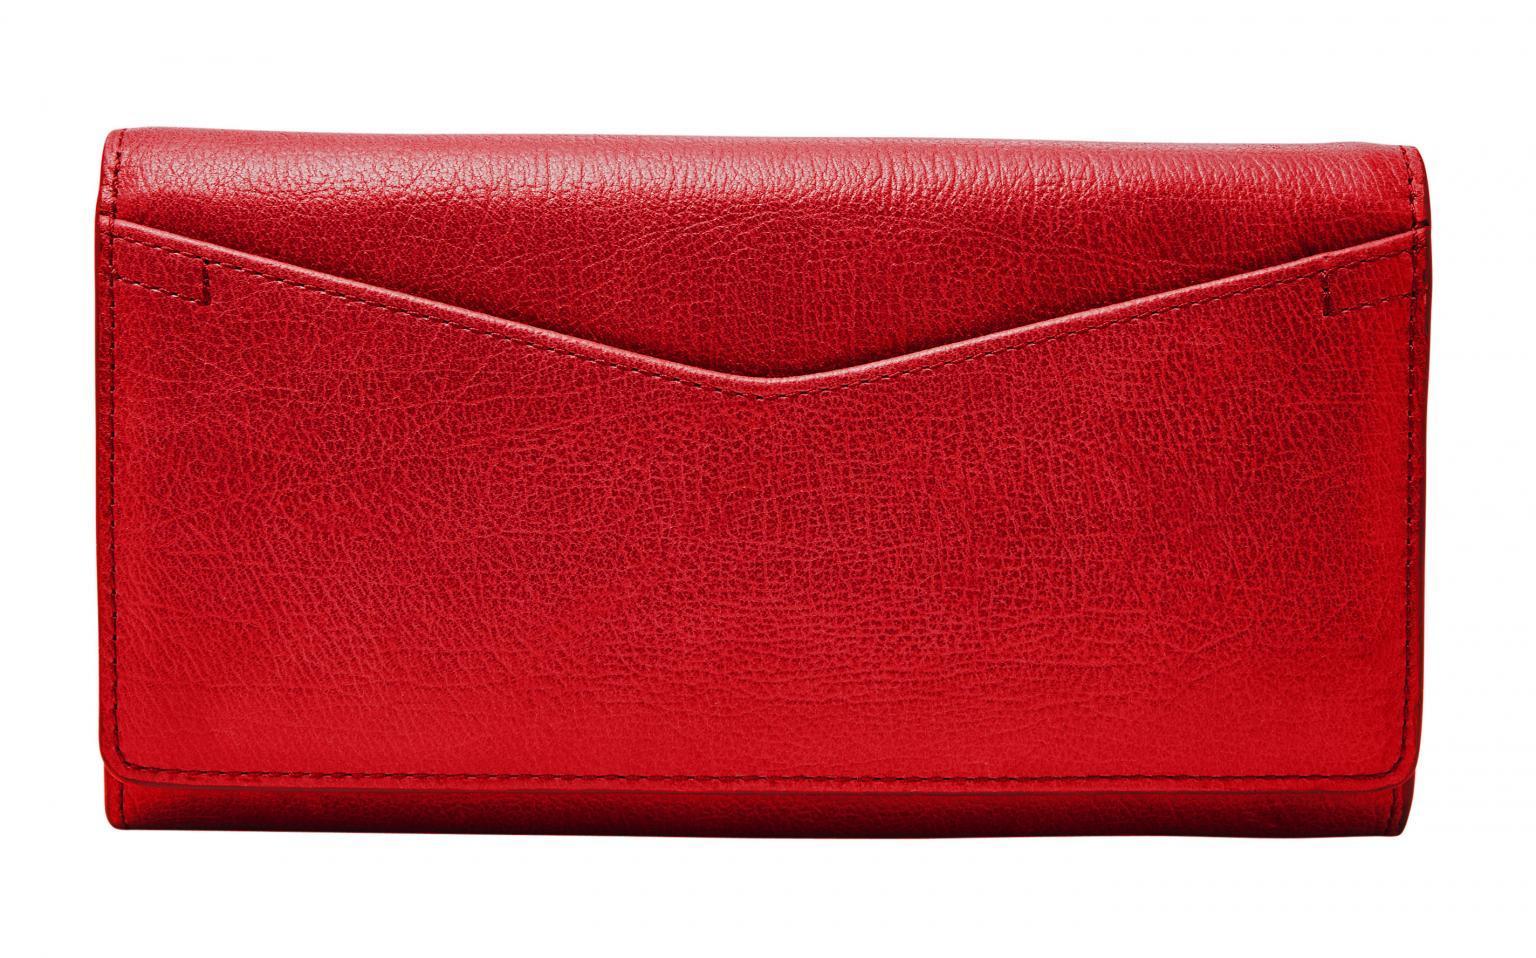 Fossil Geldbörse Überschlag RFID Caroline Red Velvet Rot